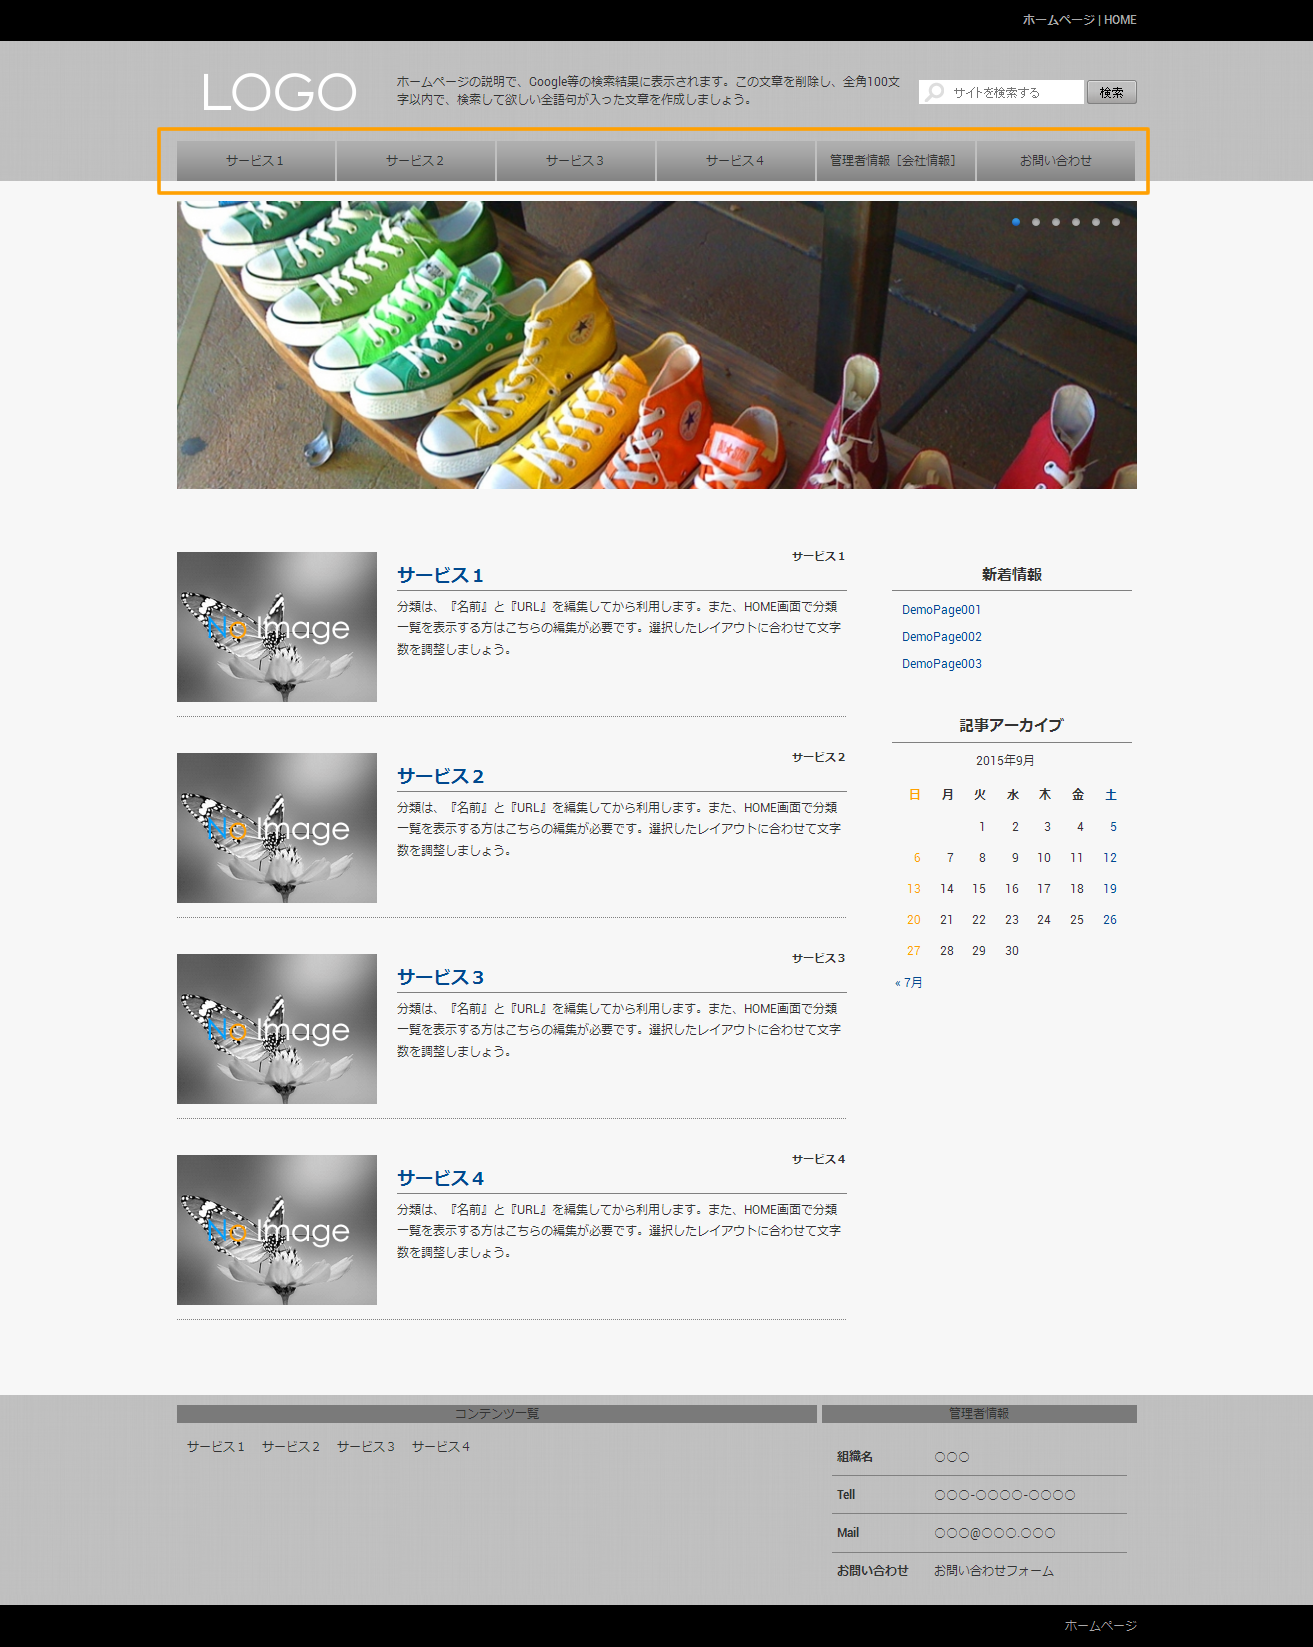 ホームページ ナビ[メニュー] | 初期費用無料ホームページ作成サイト - FunMaker